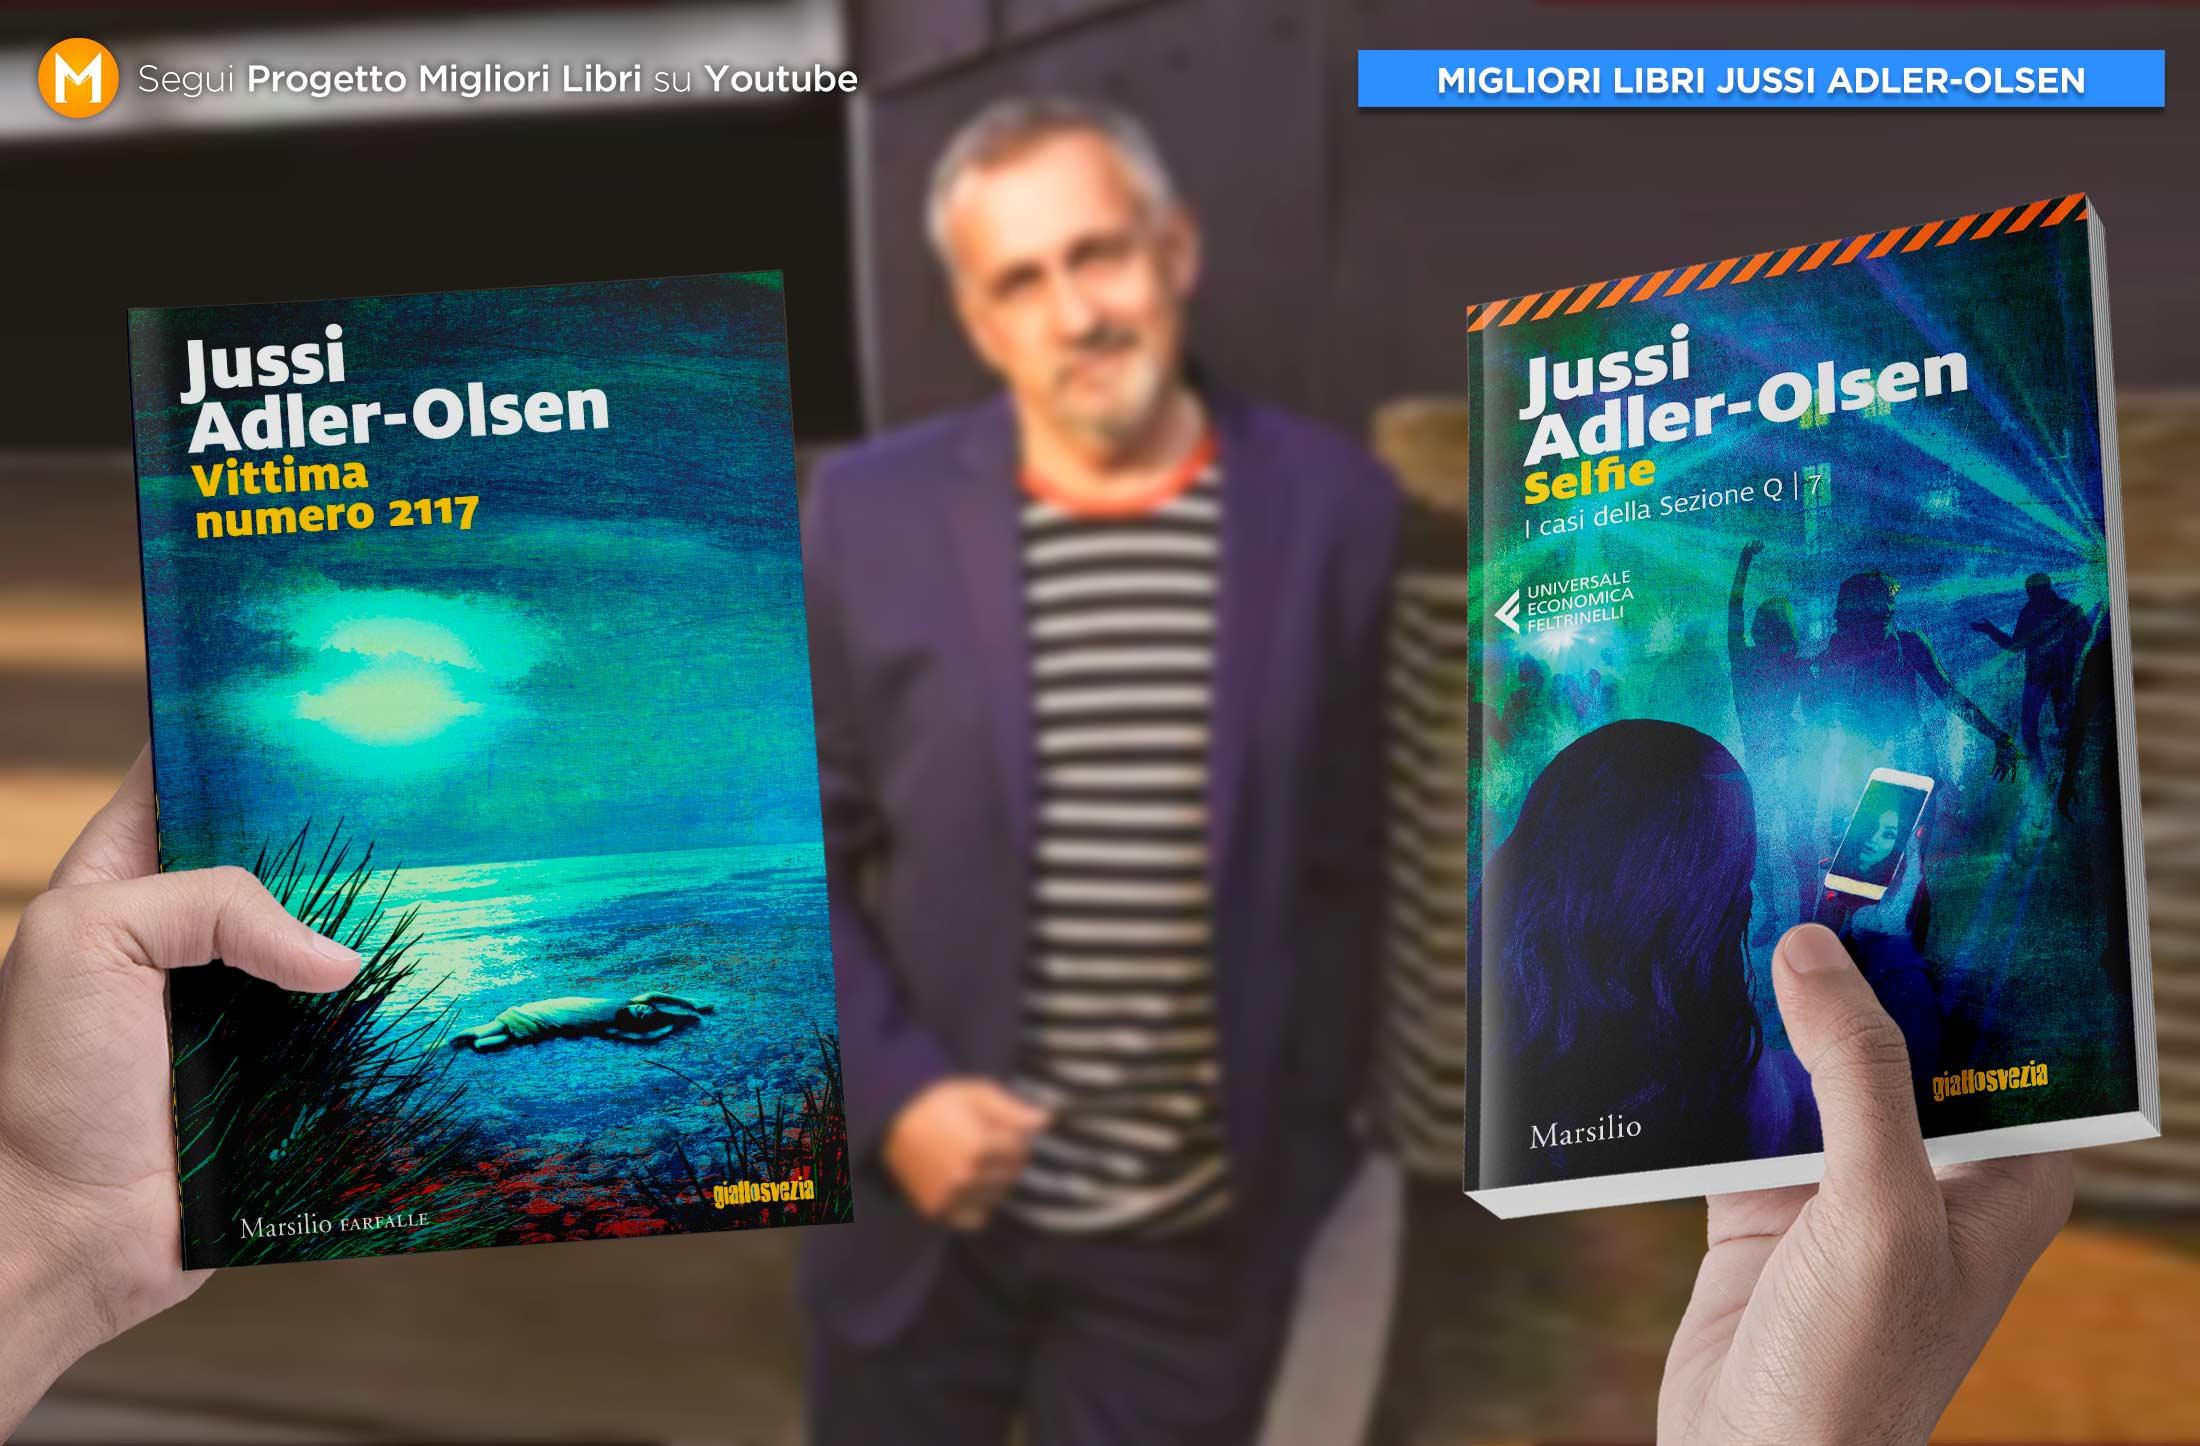 migliori-libri-jussi-adler-olsen